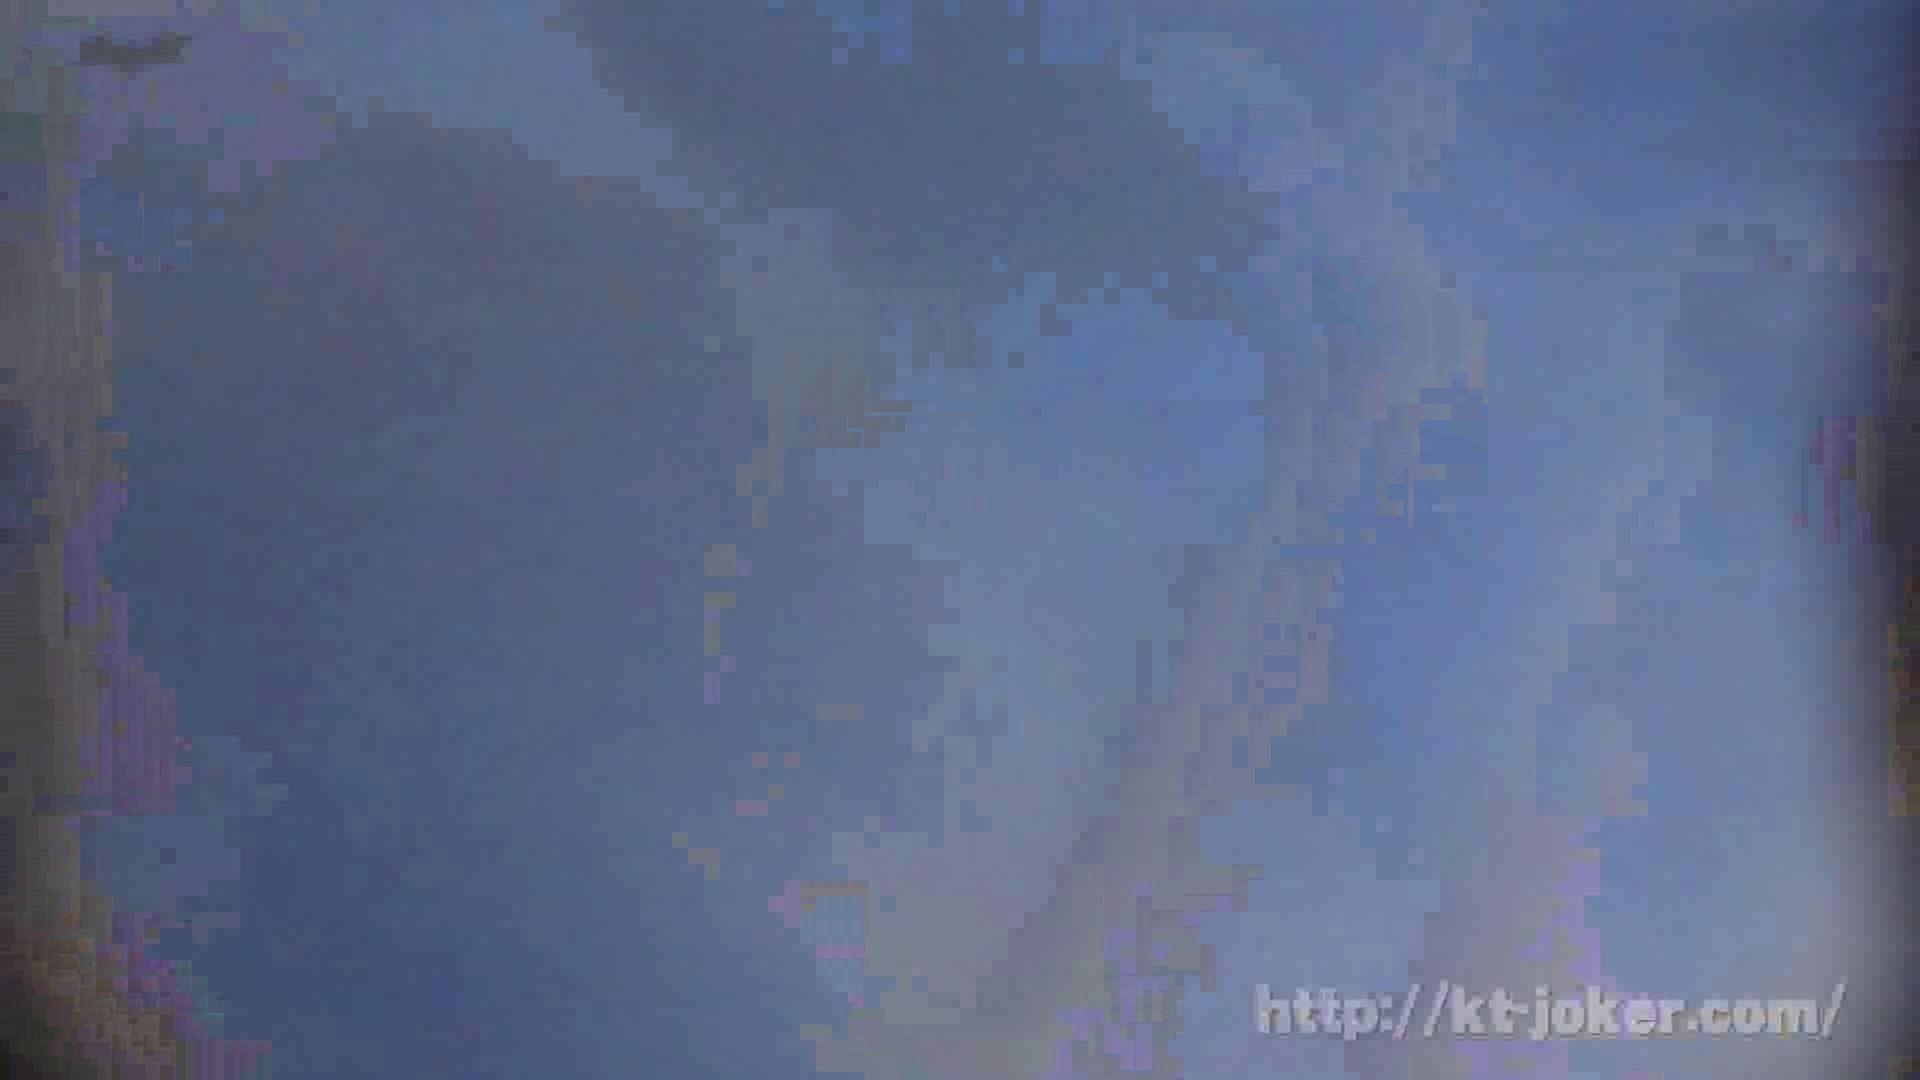 命がけ潜伏洗面所! vol.72 貴重すぎ、二子登場!! プライベート アダルト動画キャプチャ 85画像 62